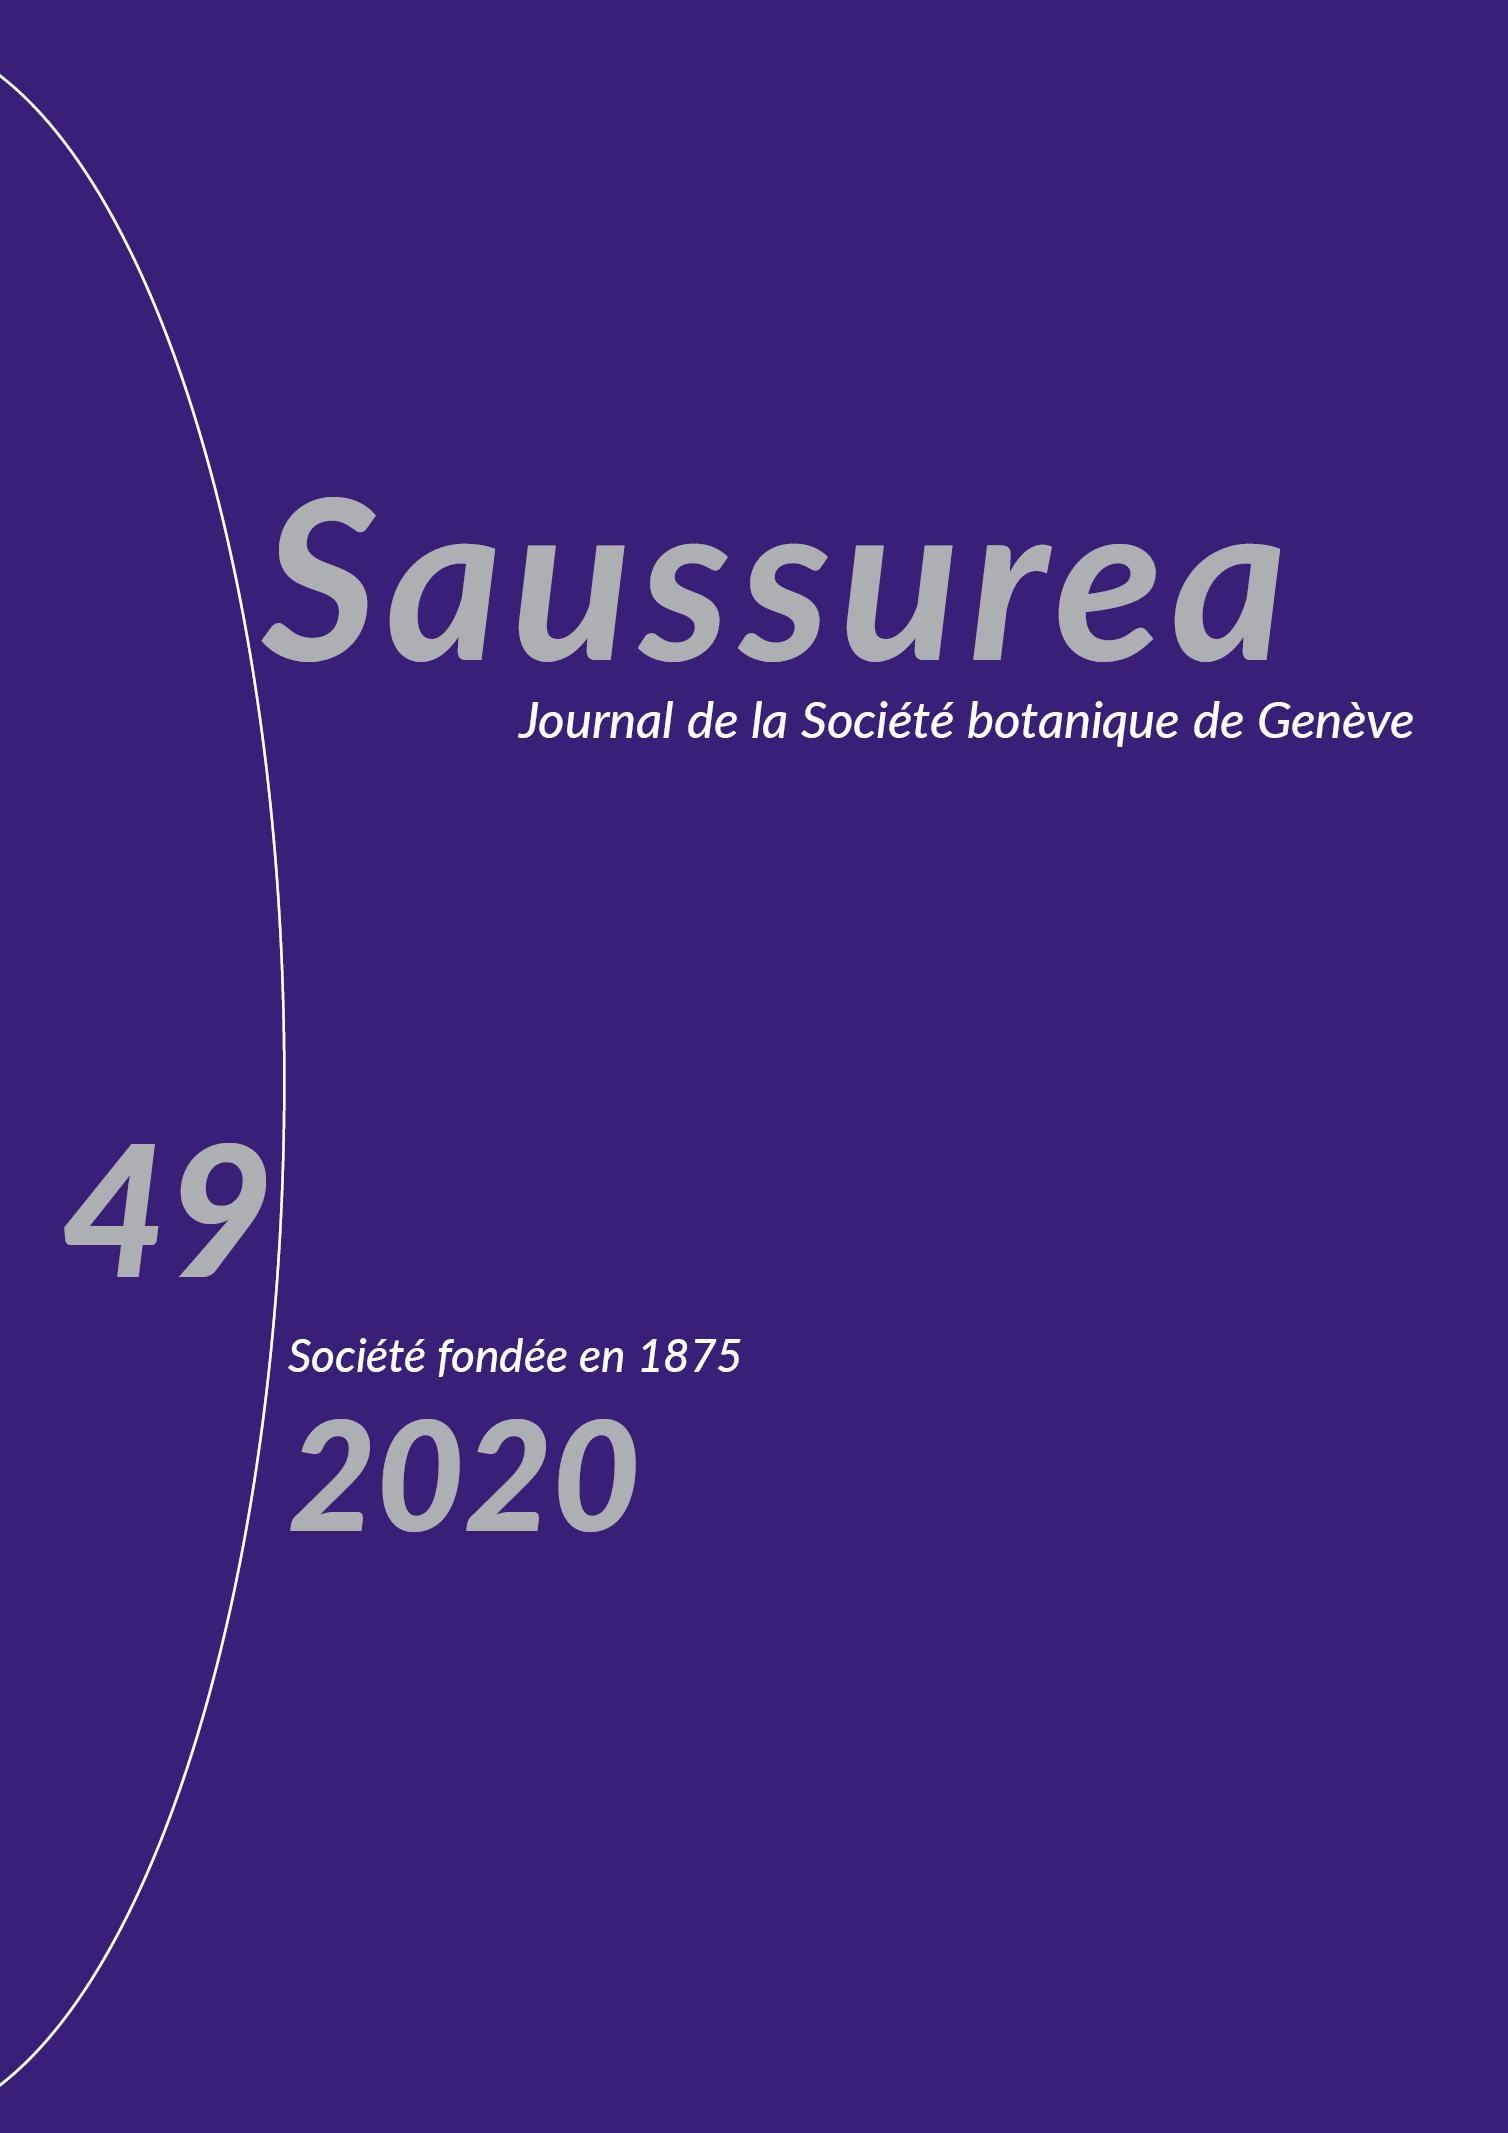 Couverture du Saussurea 49